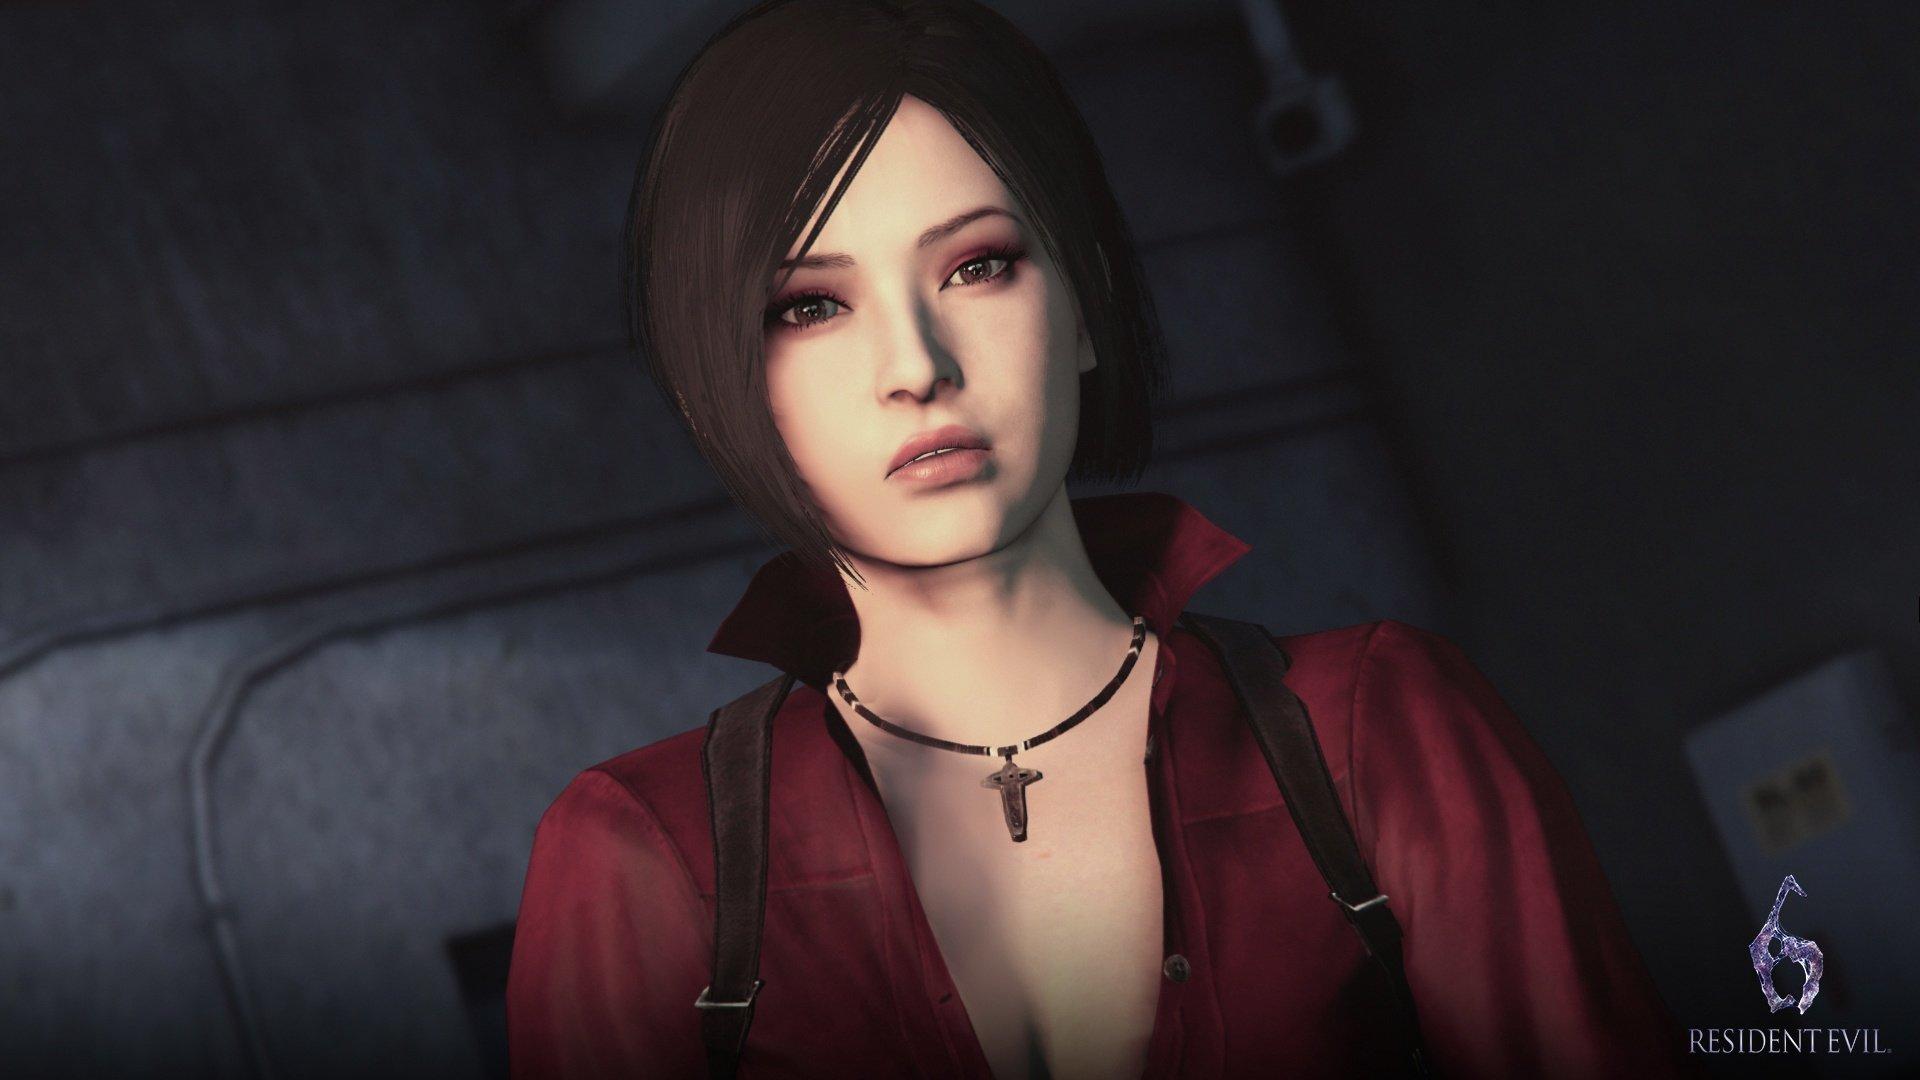 resident evil 6 girl characters